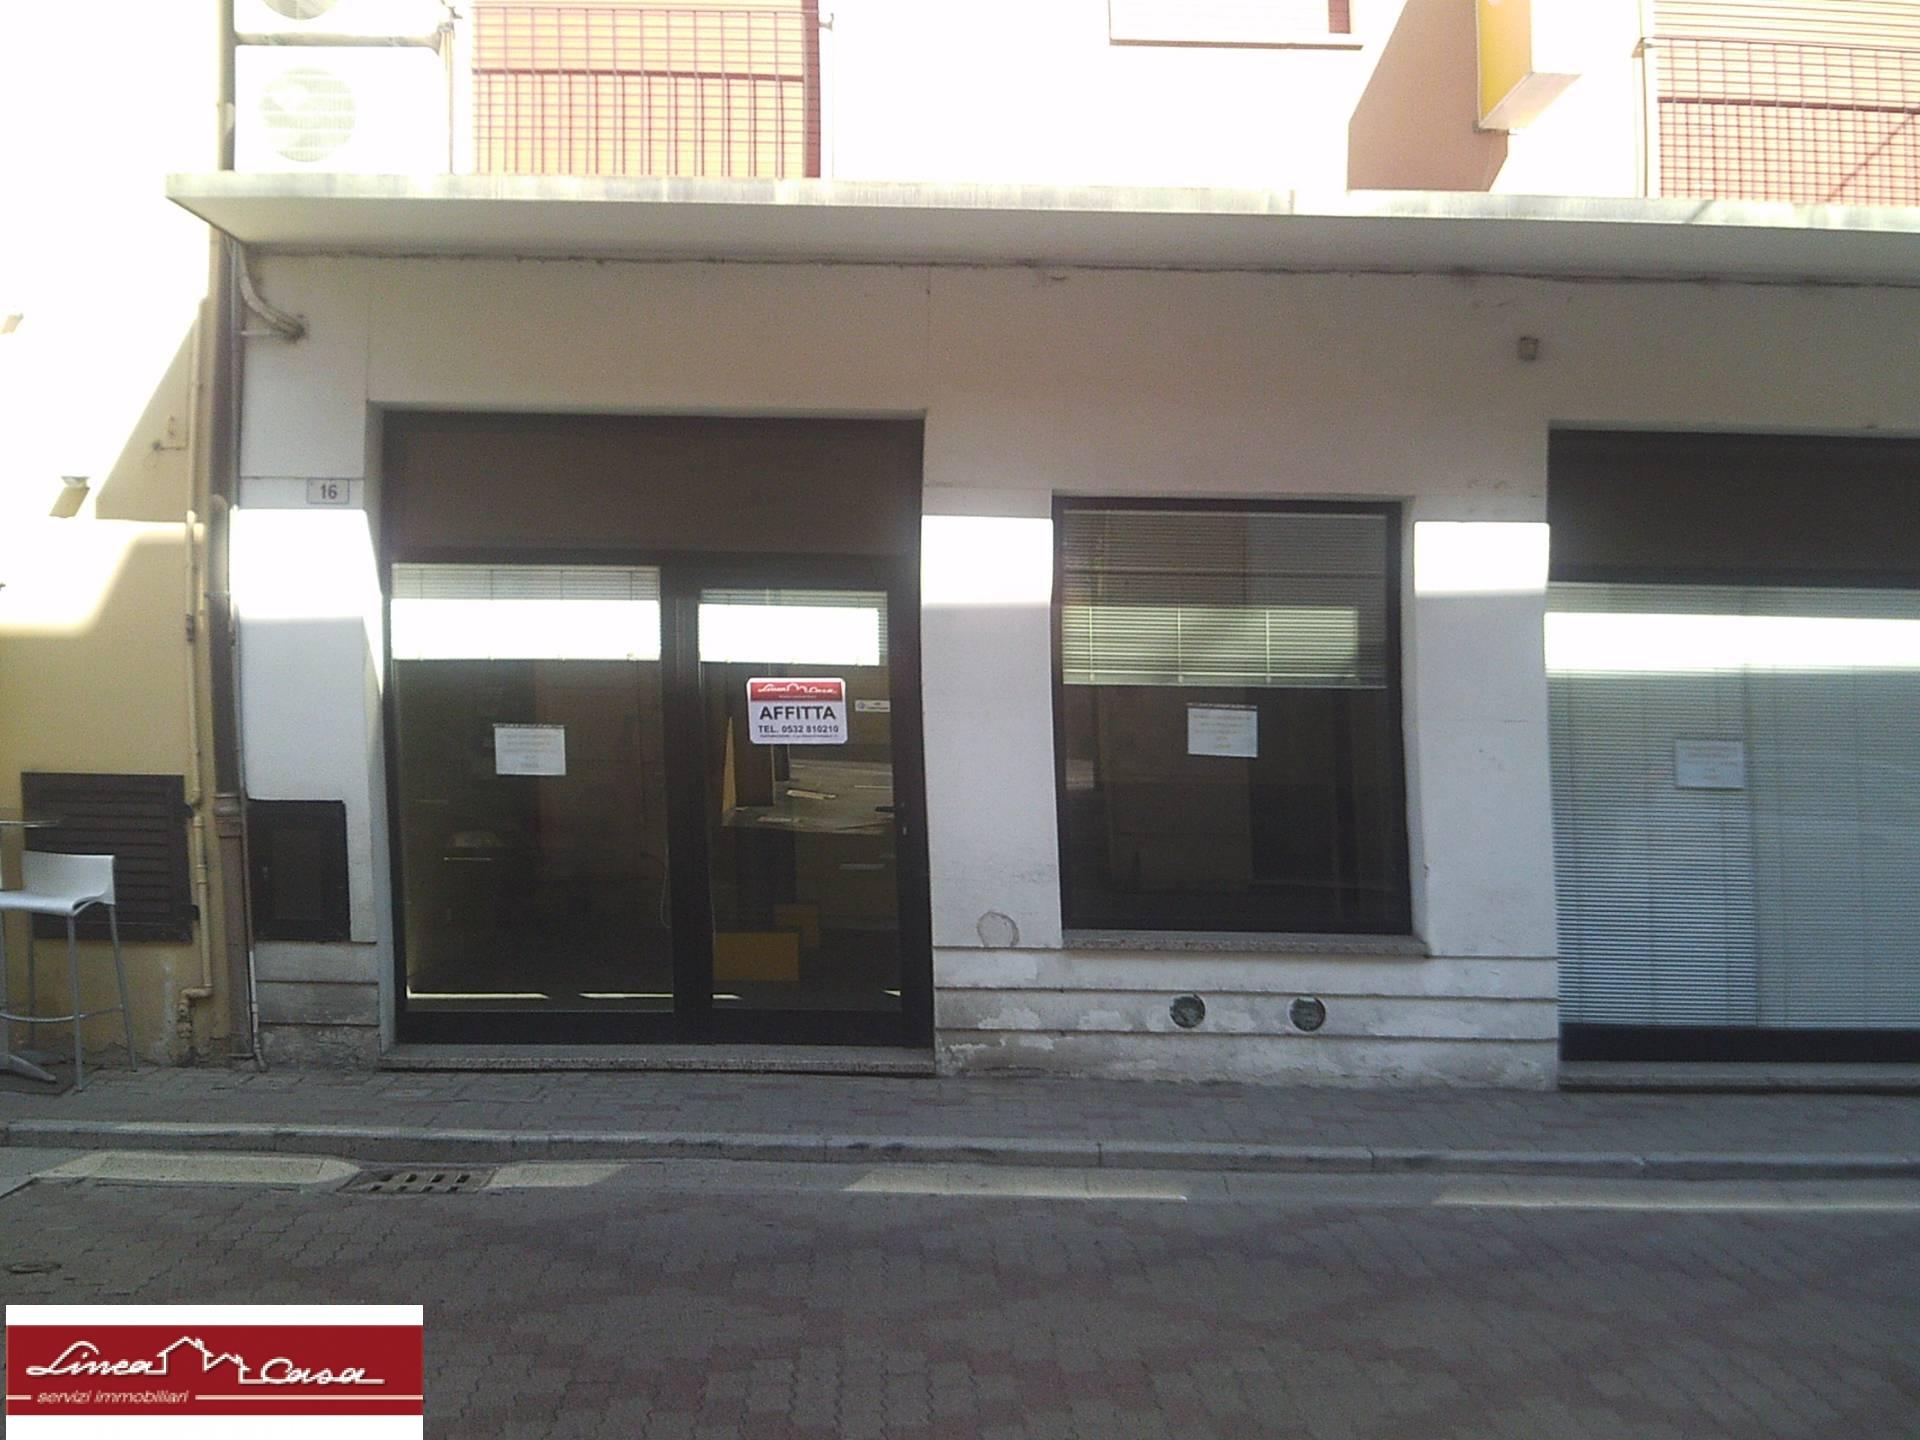 Attività / Licenza in affitto a Portomaggiore, 9999 locali, zona Località: Portomaggiore, prezzo € 600 | Cambio Casa.it